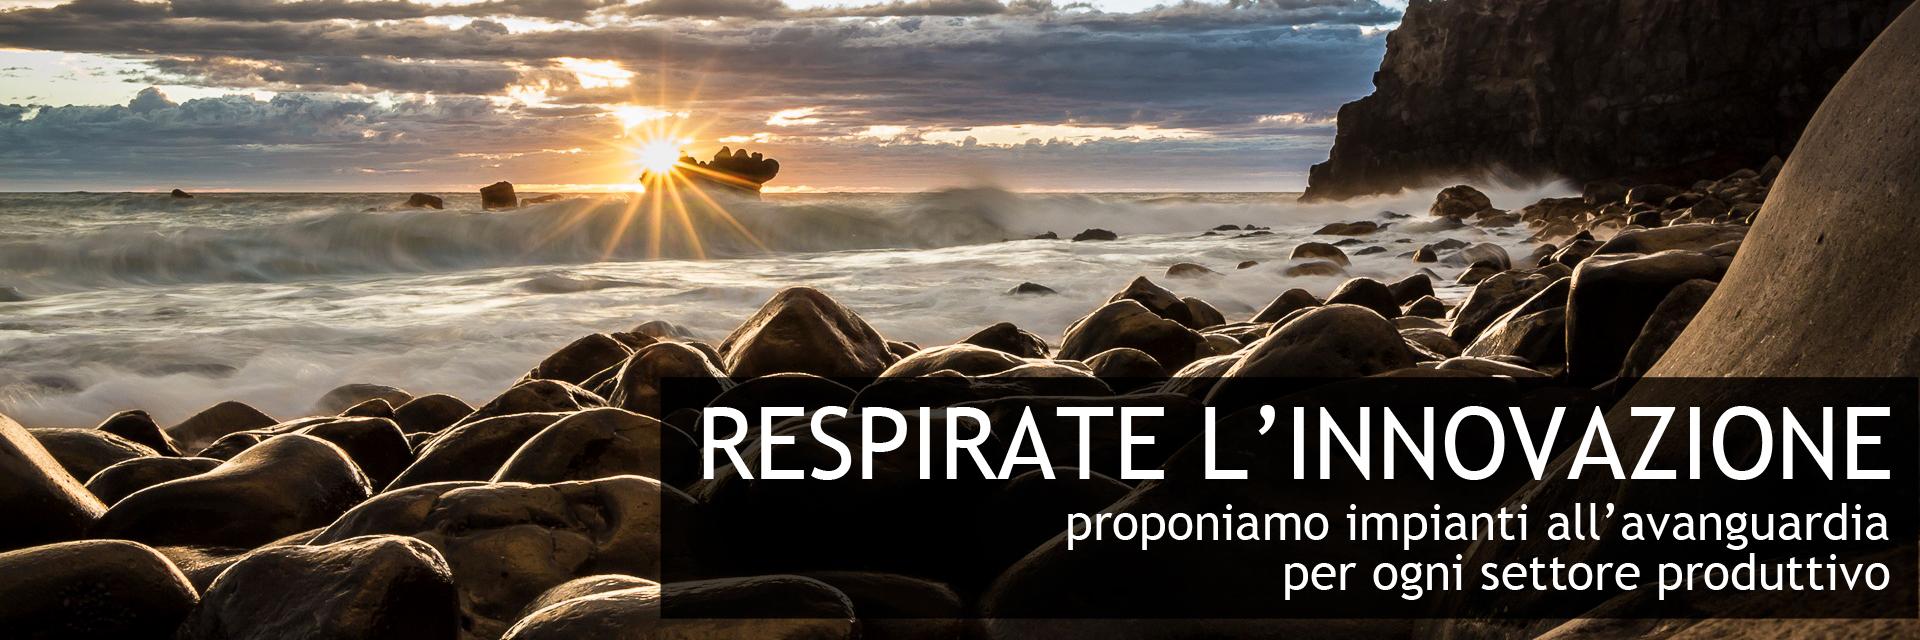 respirate l'innovazione